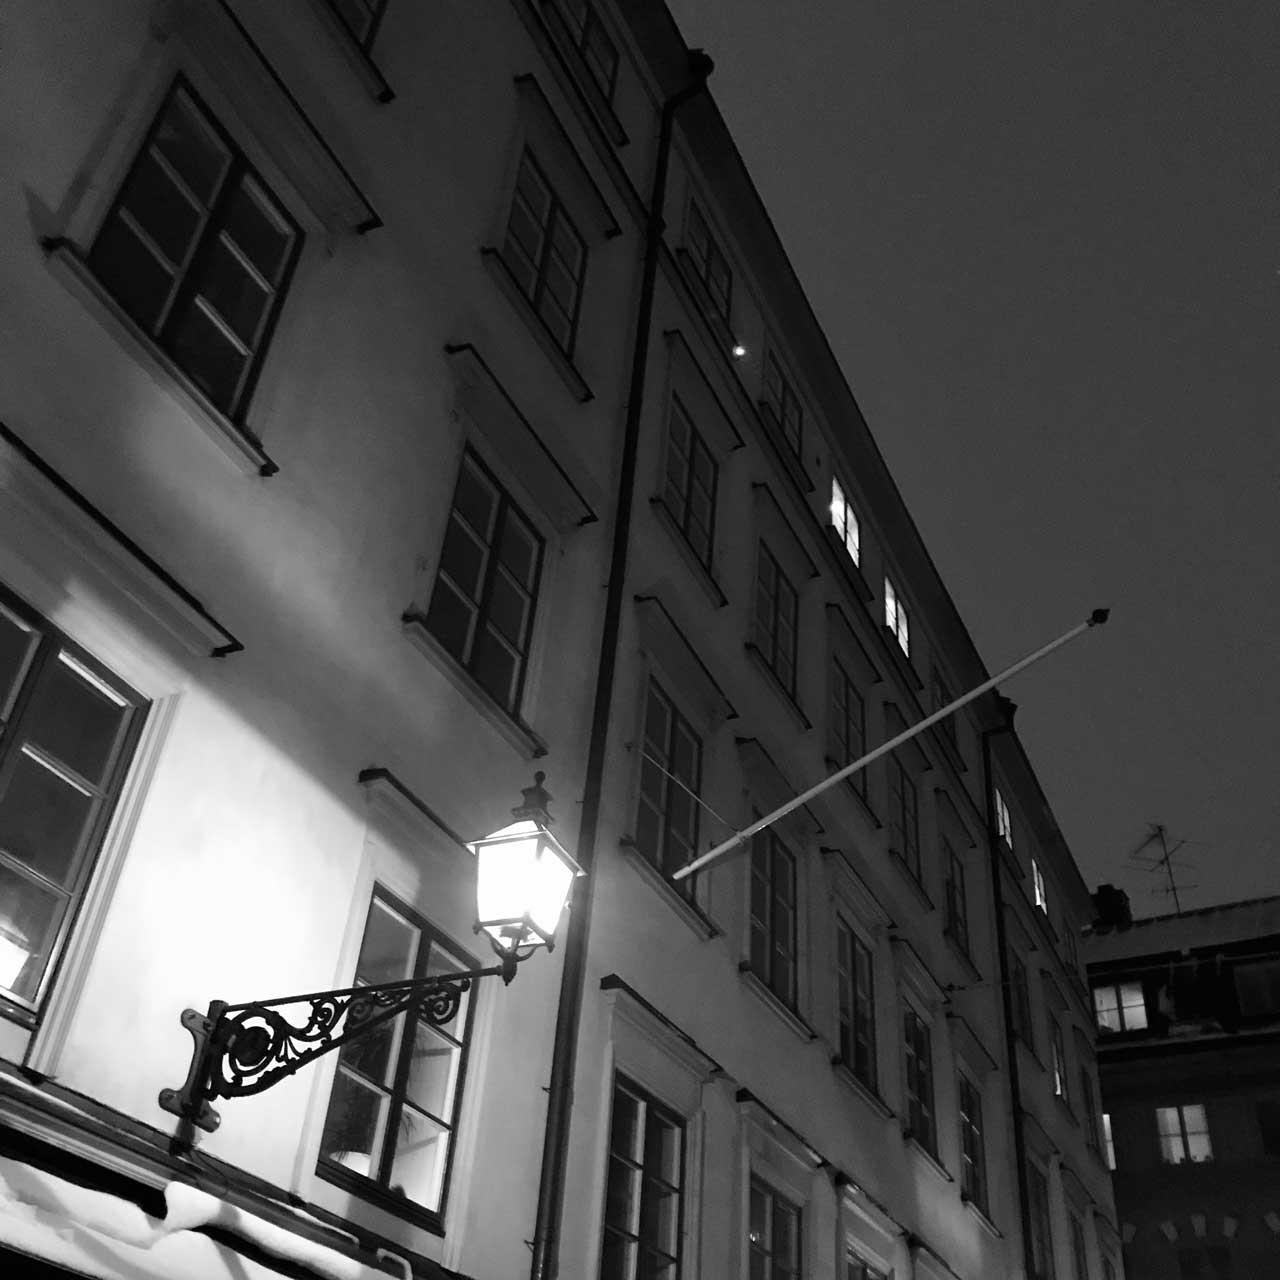 Darryl-de-Necker-Stockholm-08